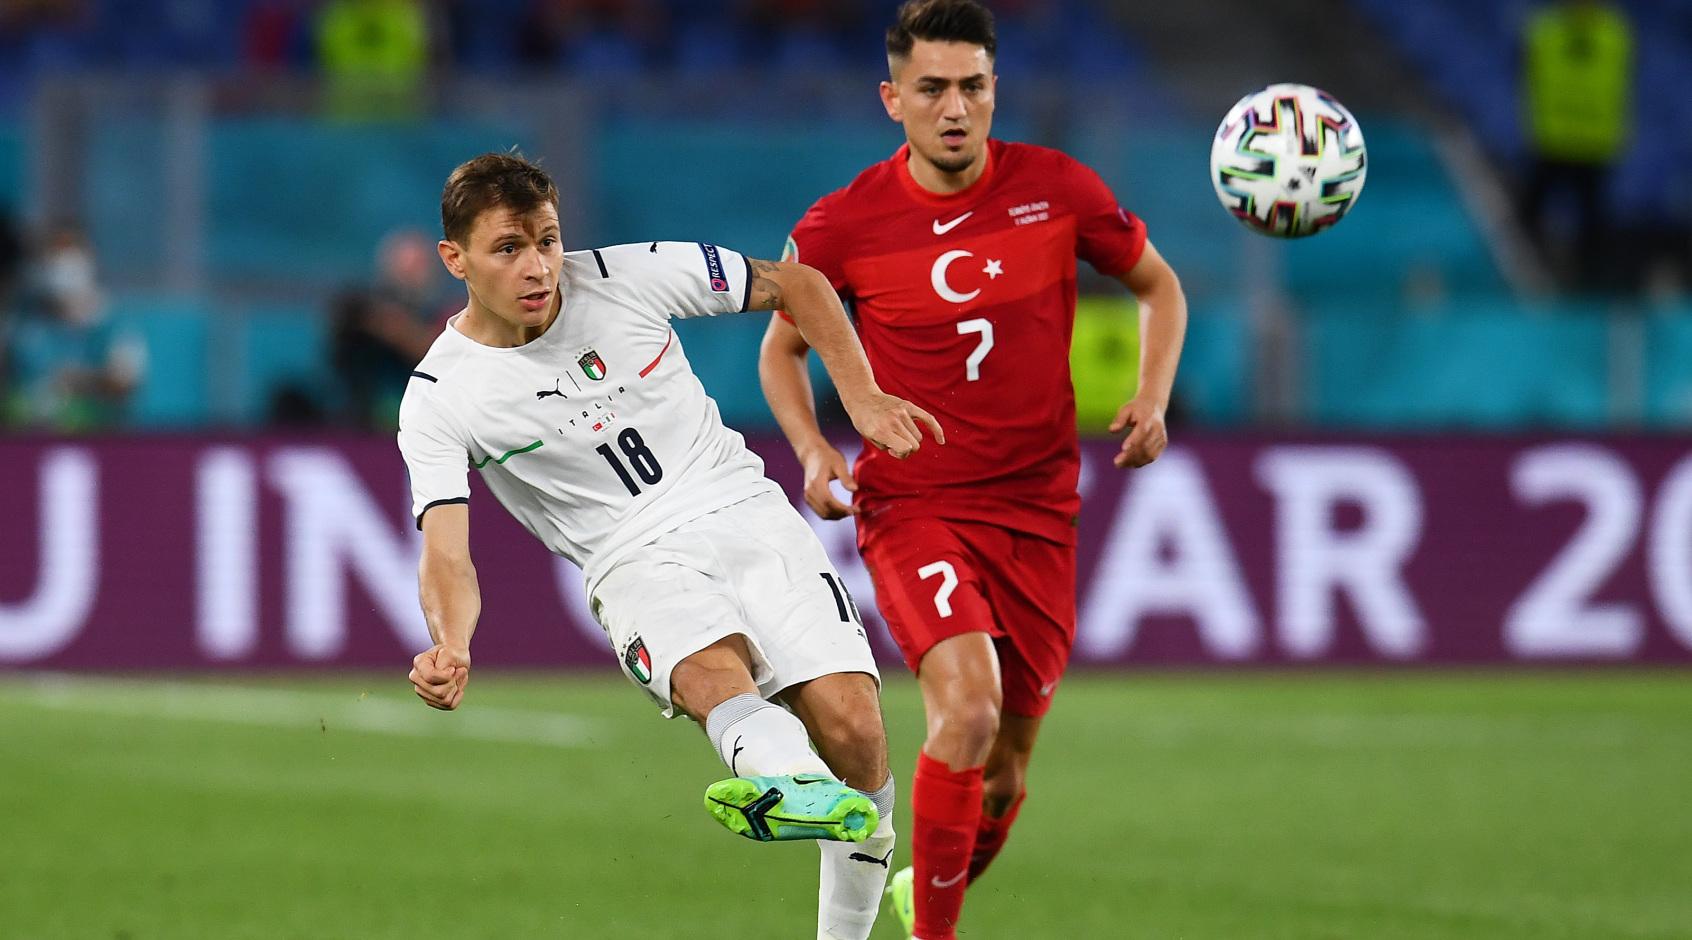 Арбитр после консультации с VAR не назначил пенальти за игру рукой в матче Турция - Италия